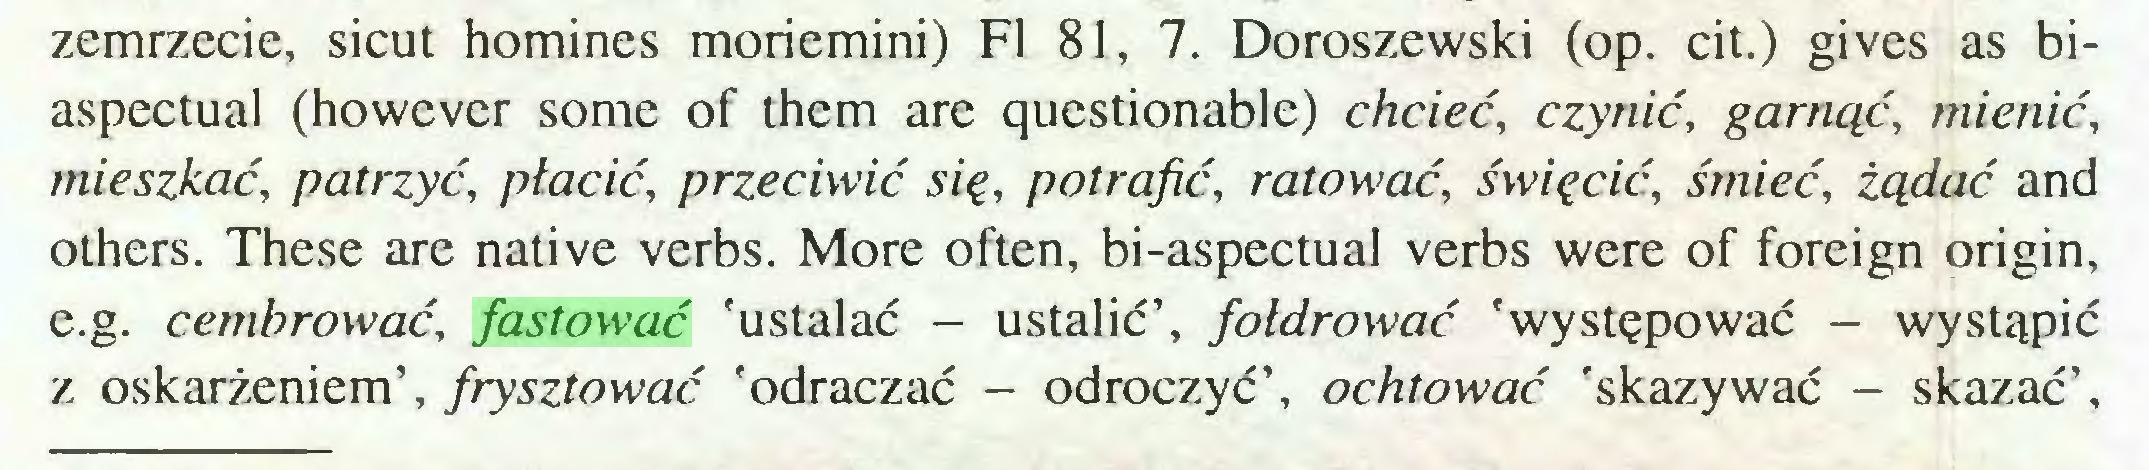 (...) zemrzecie, sicut homines moriemini) FI 81, 7. Doroszewski (op. cit.) gives as biaspectual (however some of them are questionable) chcieć, czynić, garnąć, mienić, mieszkać, patrzyć, płacić, przeciwić się, potrafić, ratować, święcić, śmieć, żądać and others. These are native verbs. More often, bi-aspectual verbs were of foreign origin, e.g. cembrować, fastować 'ustalać - ustalić', fotdrować 'występować - wystąpić z oskarżeniem', frysztować 'odraczać - odroczyć', ochtować 'skazywać - skazać',...